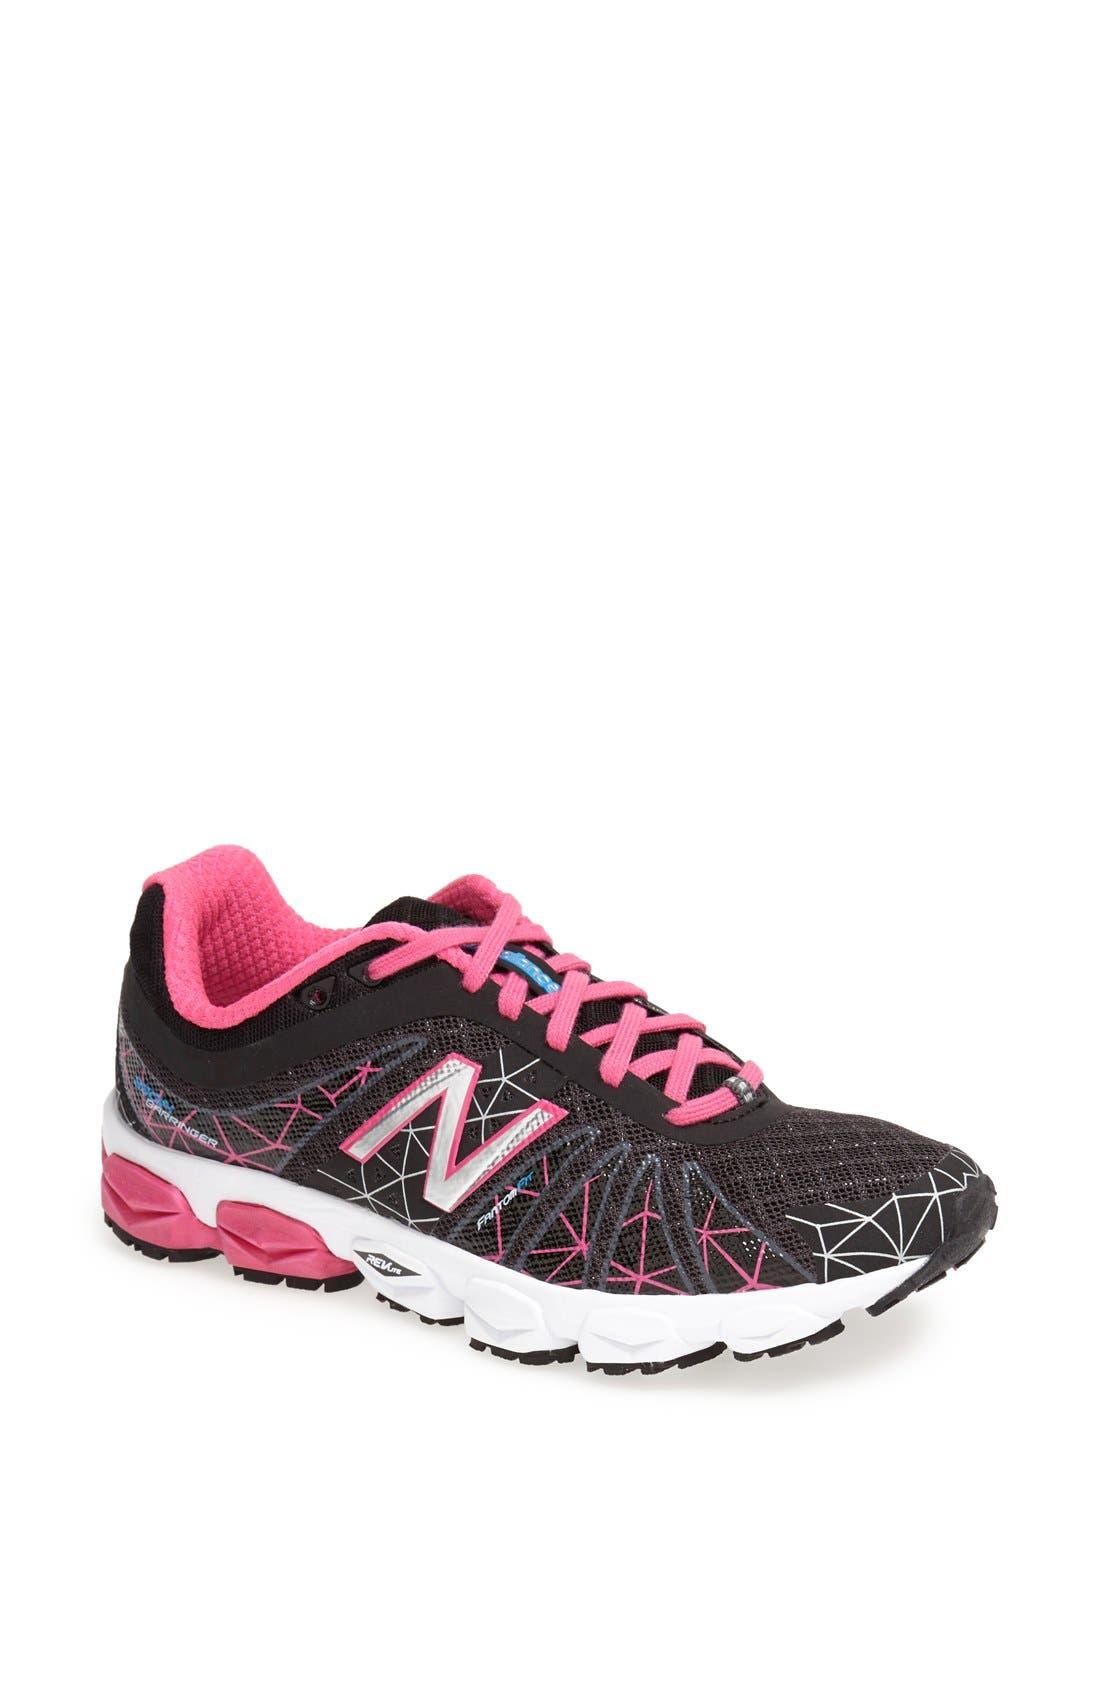 Main Image - New Balance 'Komen 890V4' Running Shoe (Women)